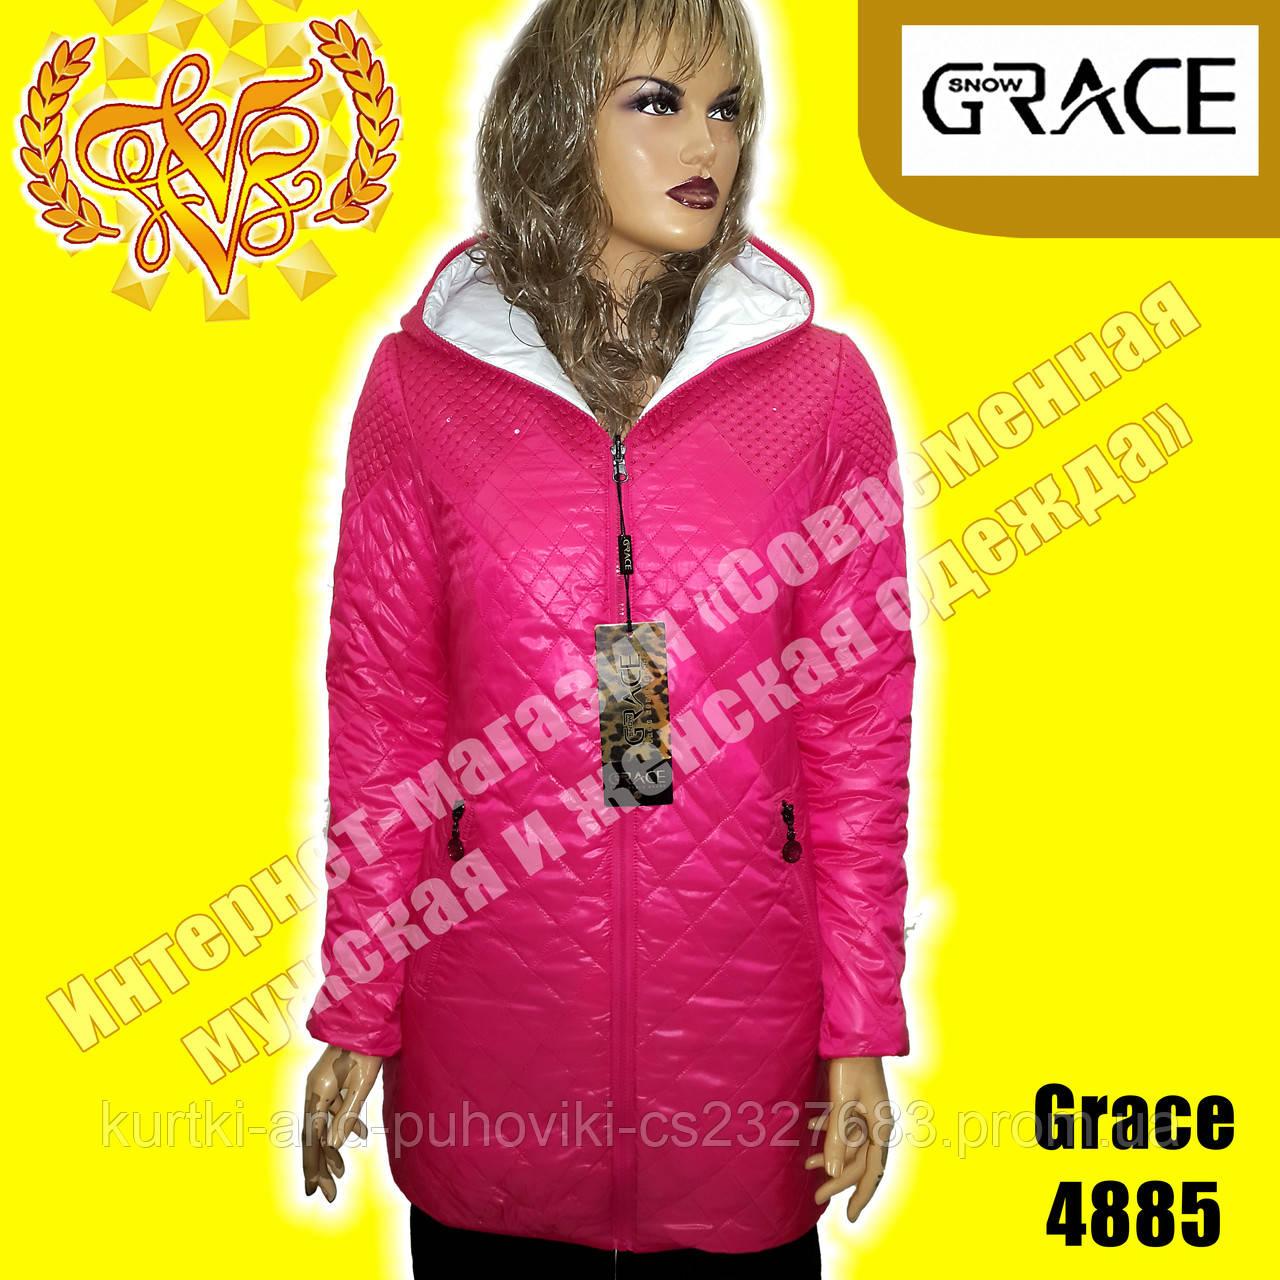 fb3294cb857 Женские двусторонние куртки Grace - Интернет-магазин «Современная мужская и  женская одежда» в